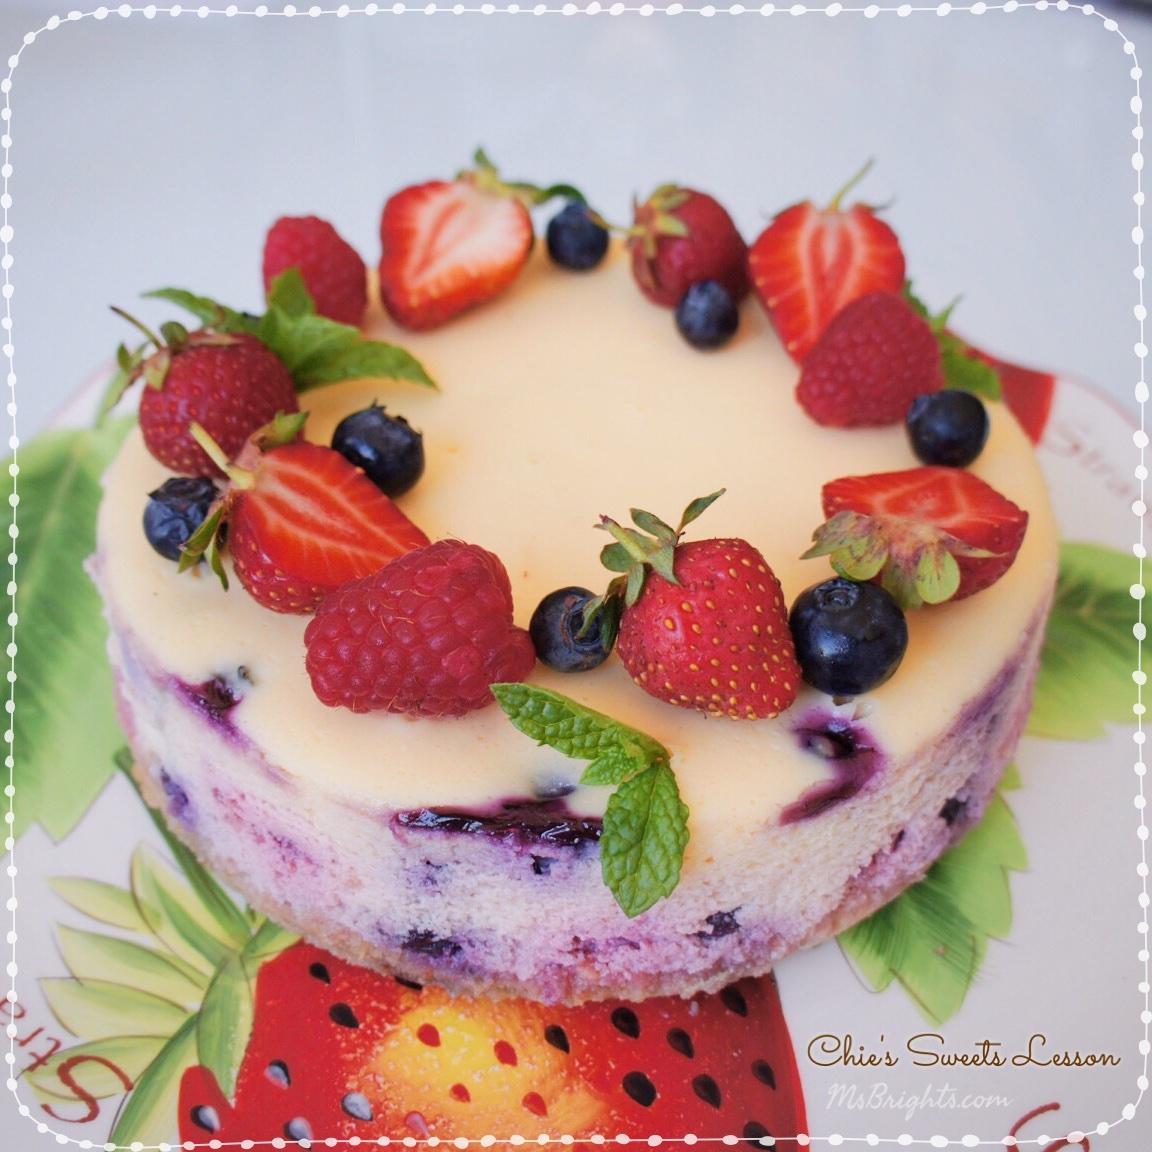 150607-cheese cake3